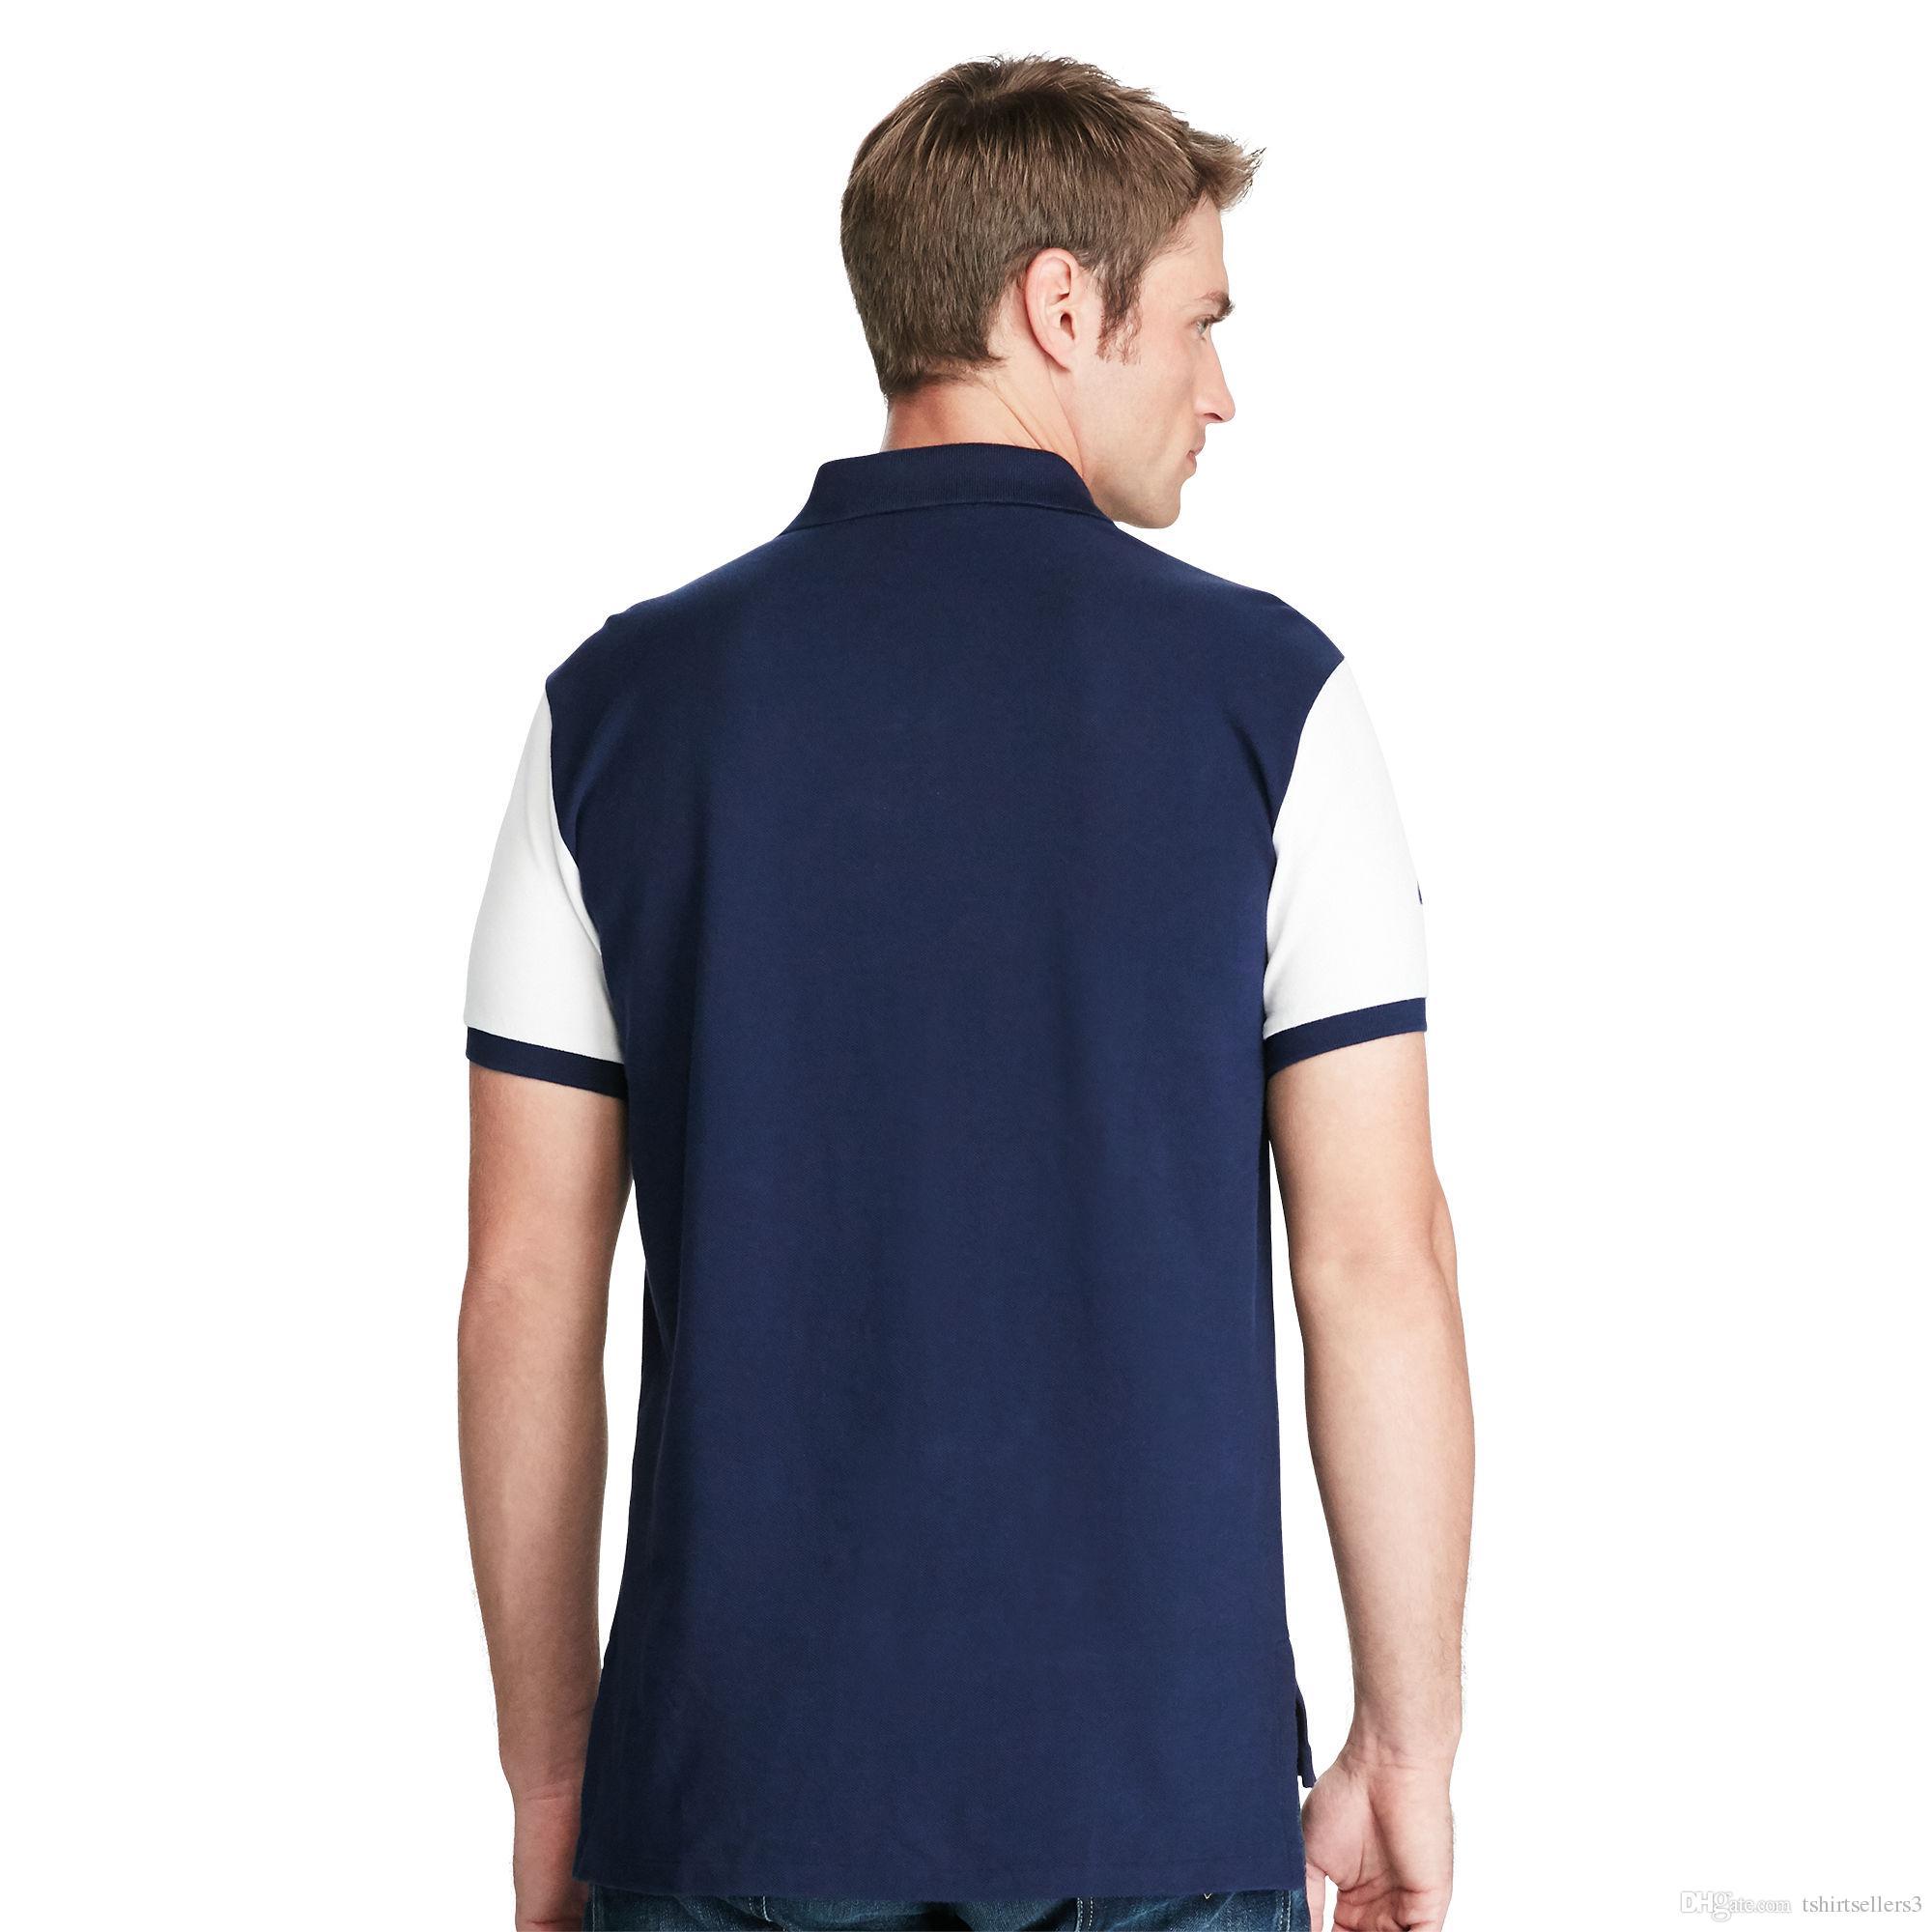 무료 배송! 2018 뉴 핫 세일 클래식 패션 반팔 큰 말 티셔츠 남자 티셔츠 2 stlye 100 % Cottom, 배송비 할인